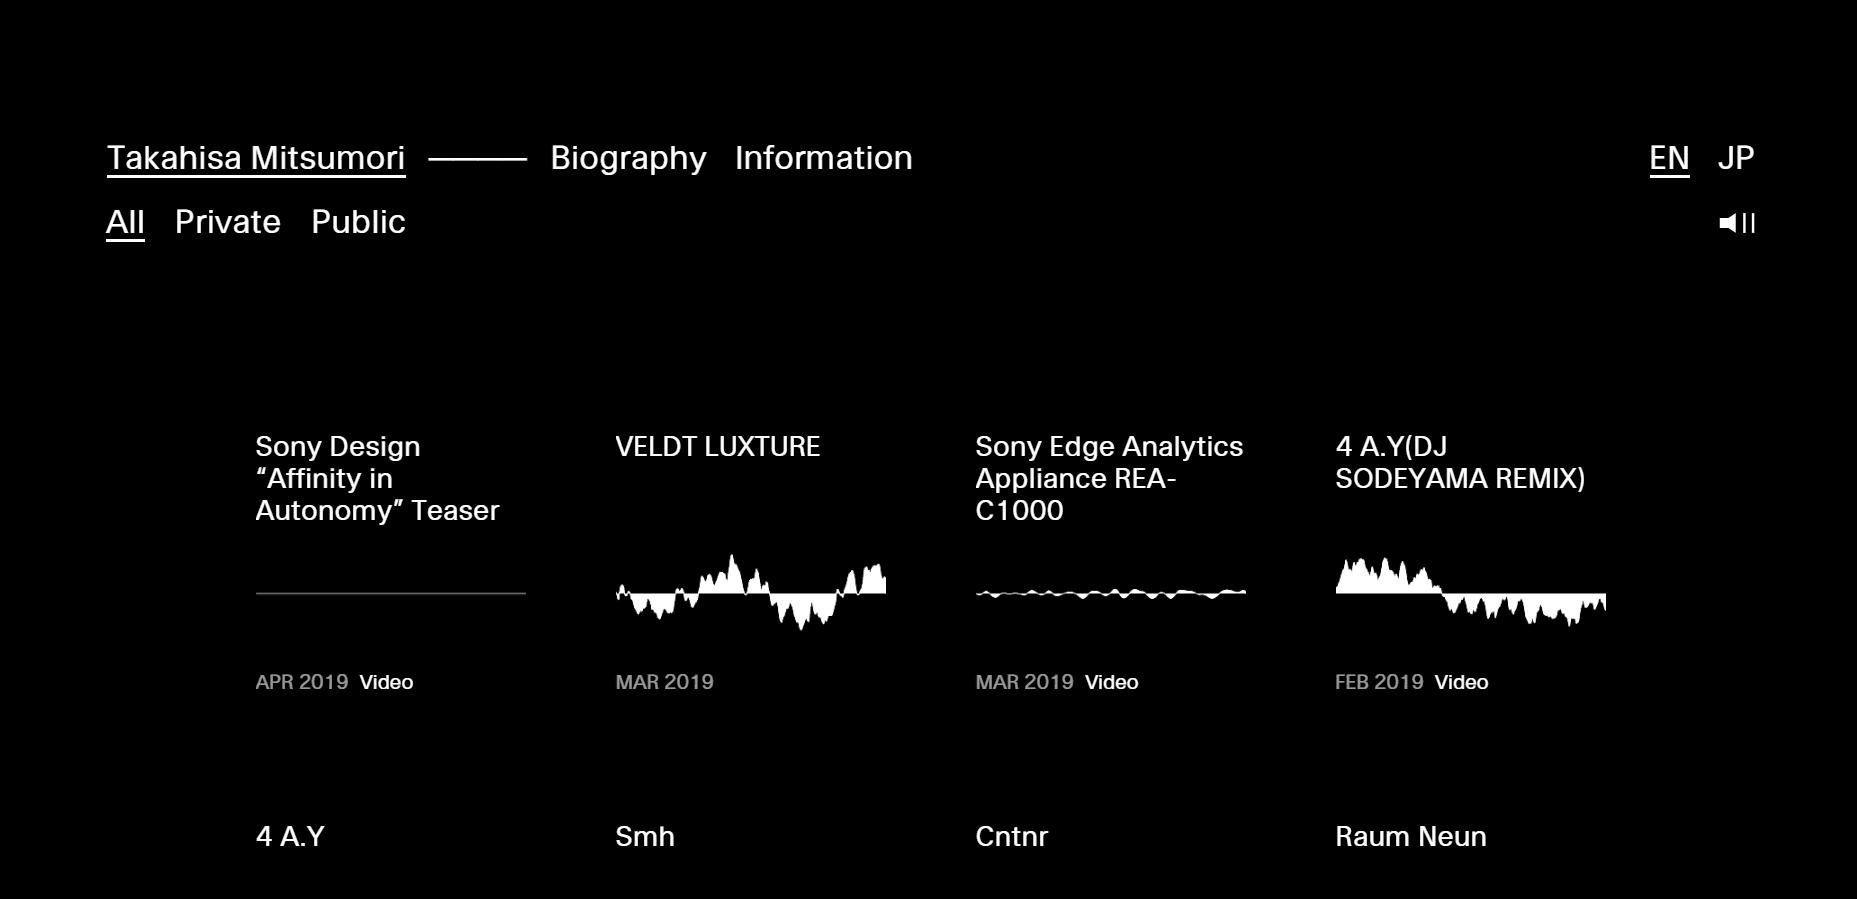 website design ideas - contrast ratio